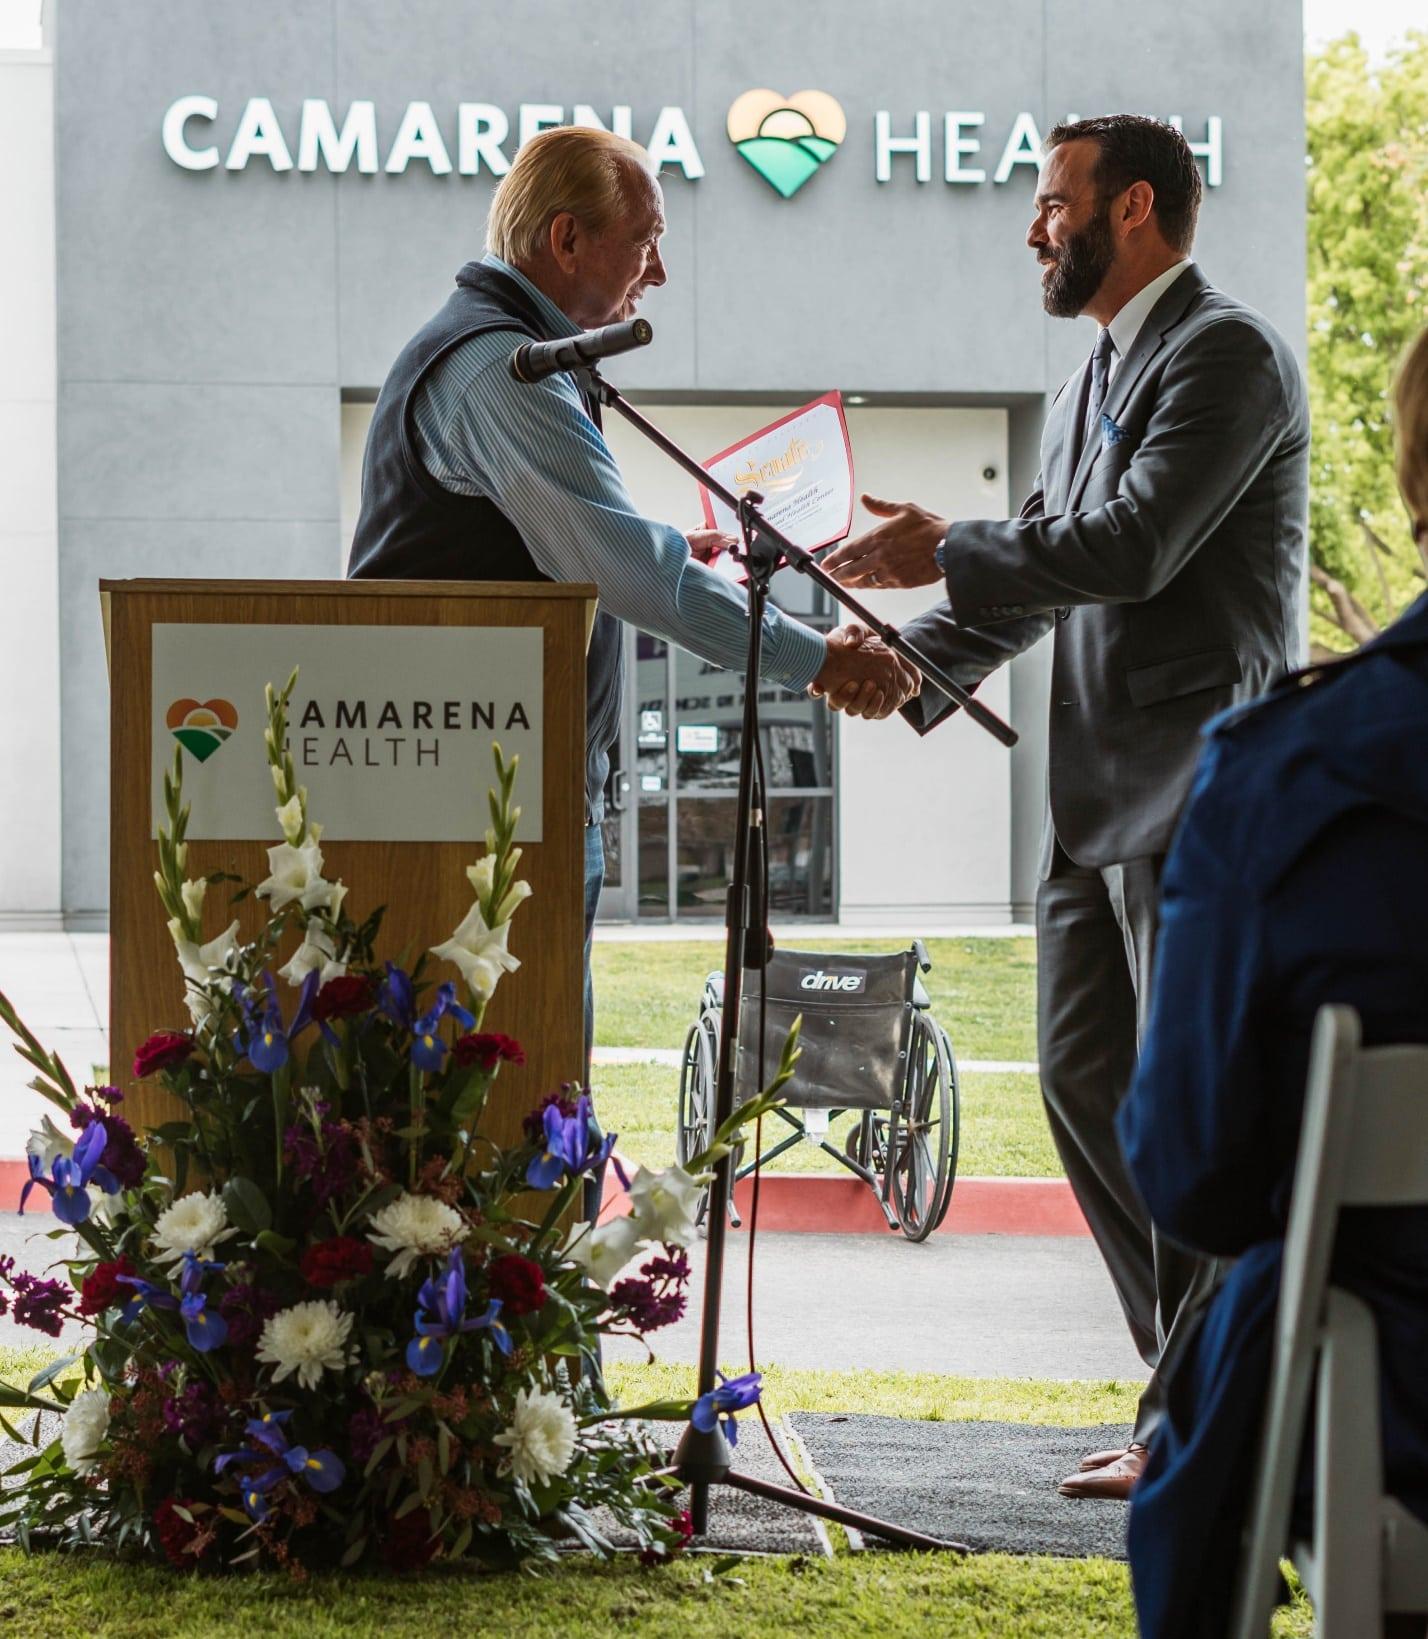 School Based Health Center Senator Canella